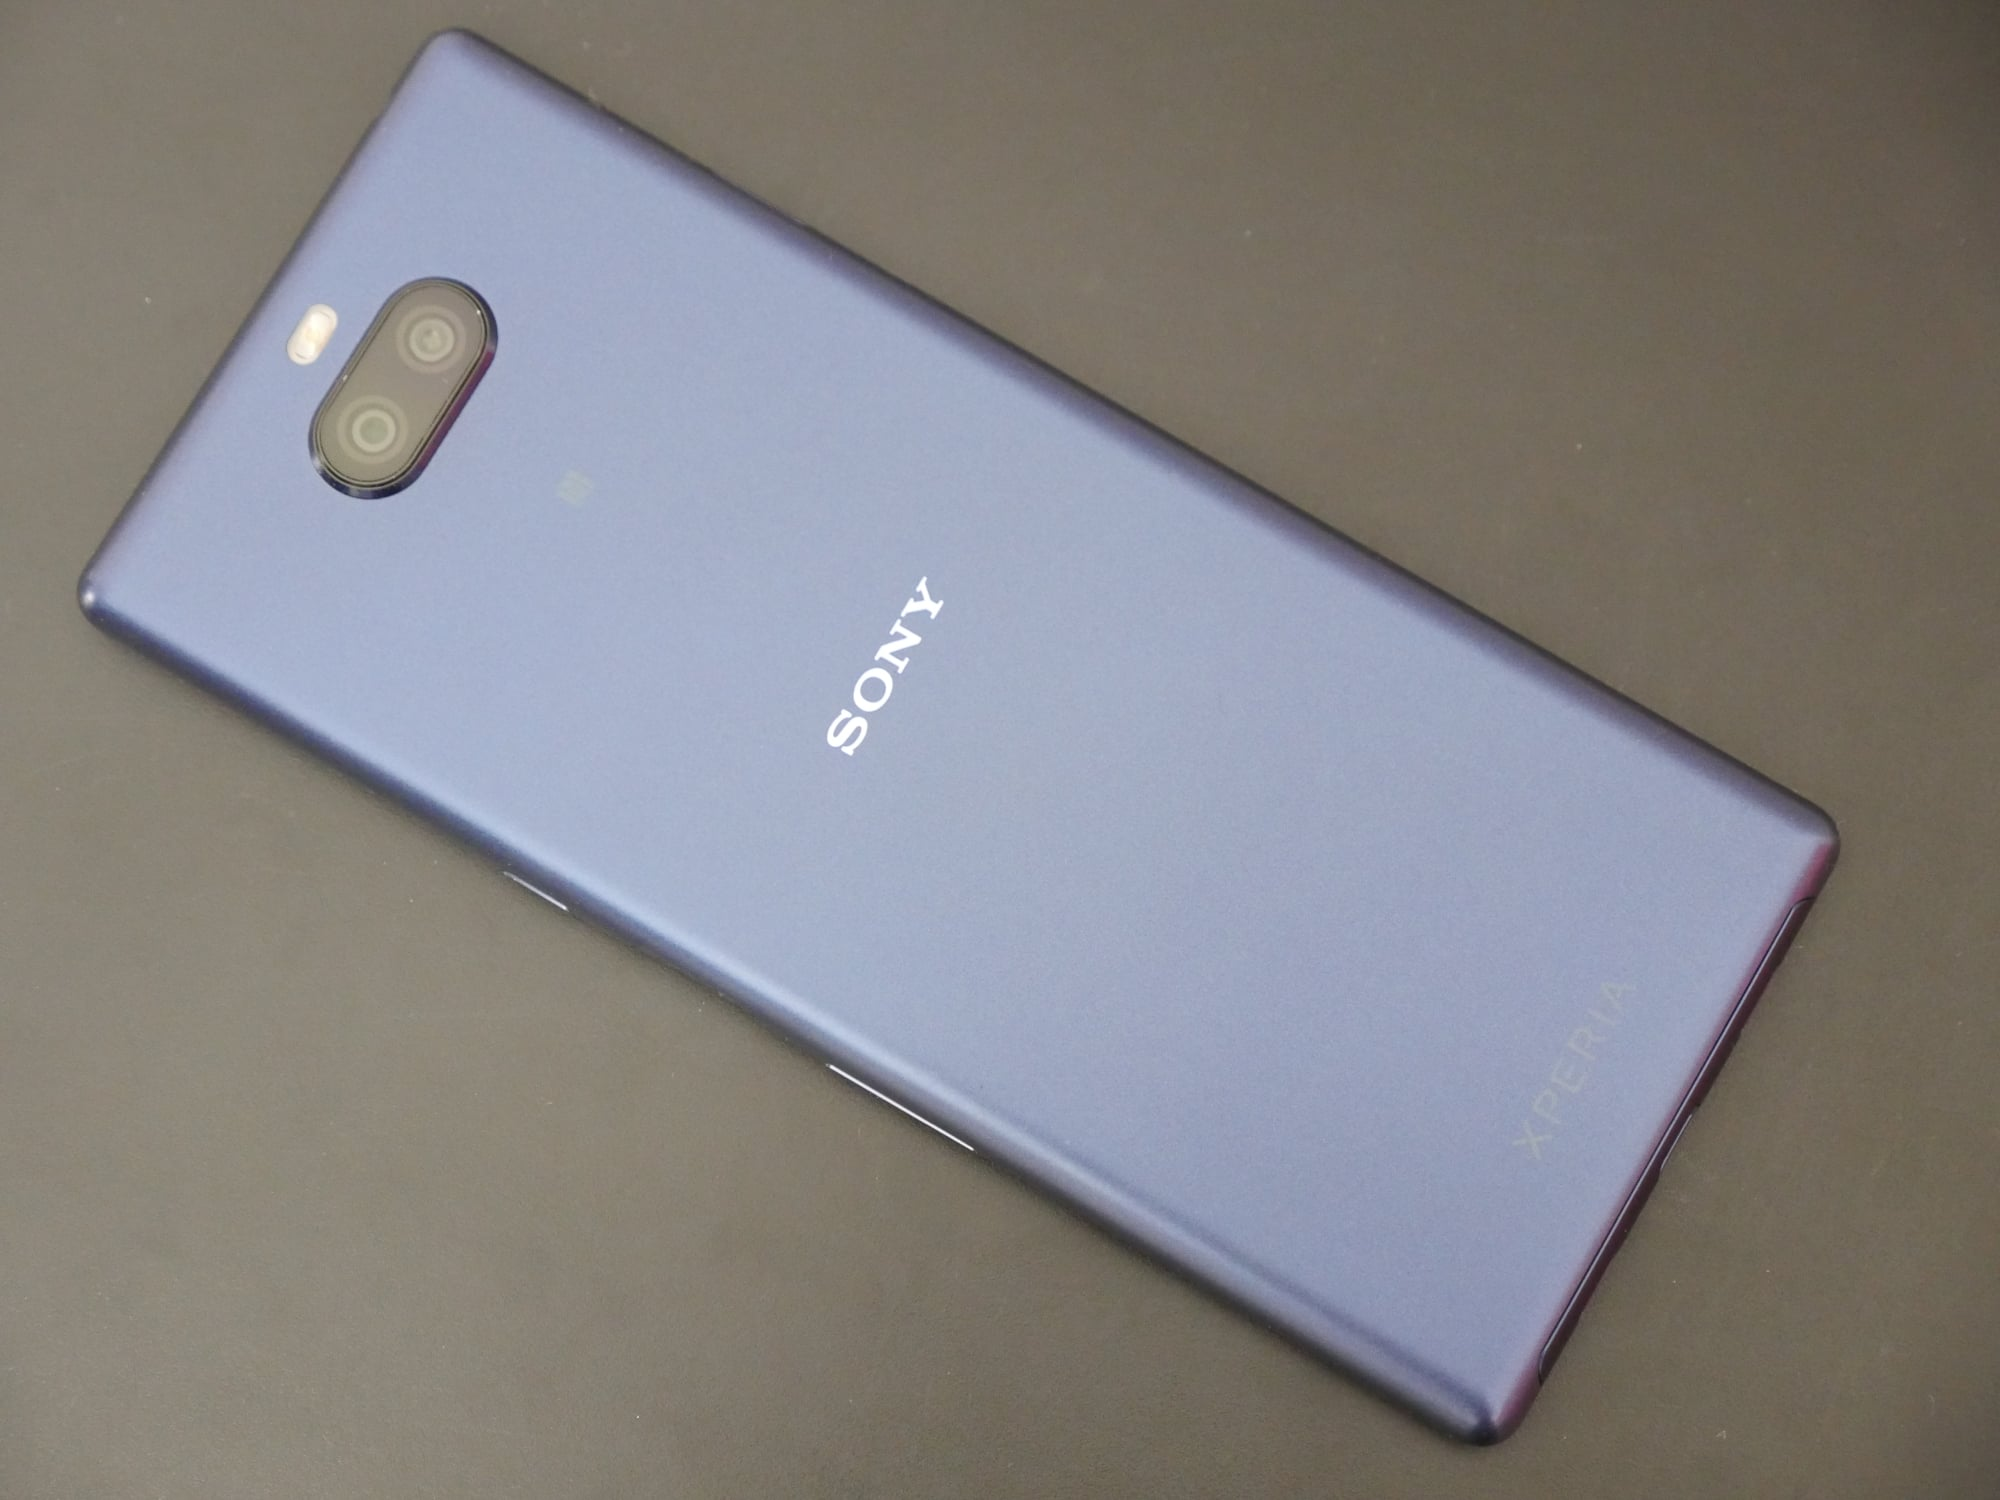 Sony Xperia 10 Plus - intrygujący i ciekawy smartfon z ekranem 21:9 dla pożeraczy multimediów (recenzja) 19